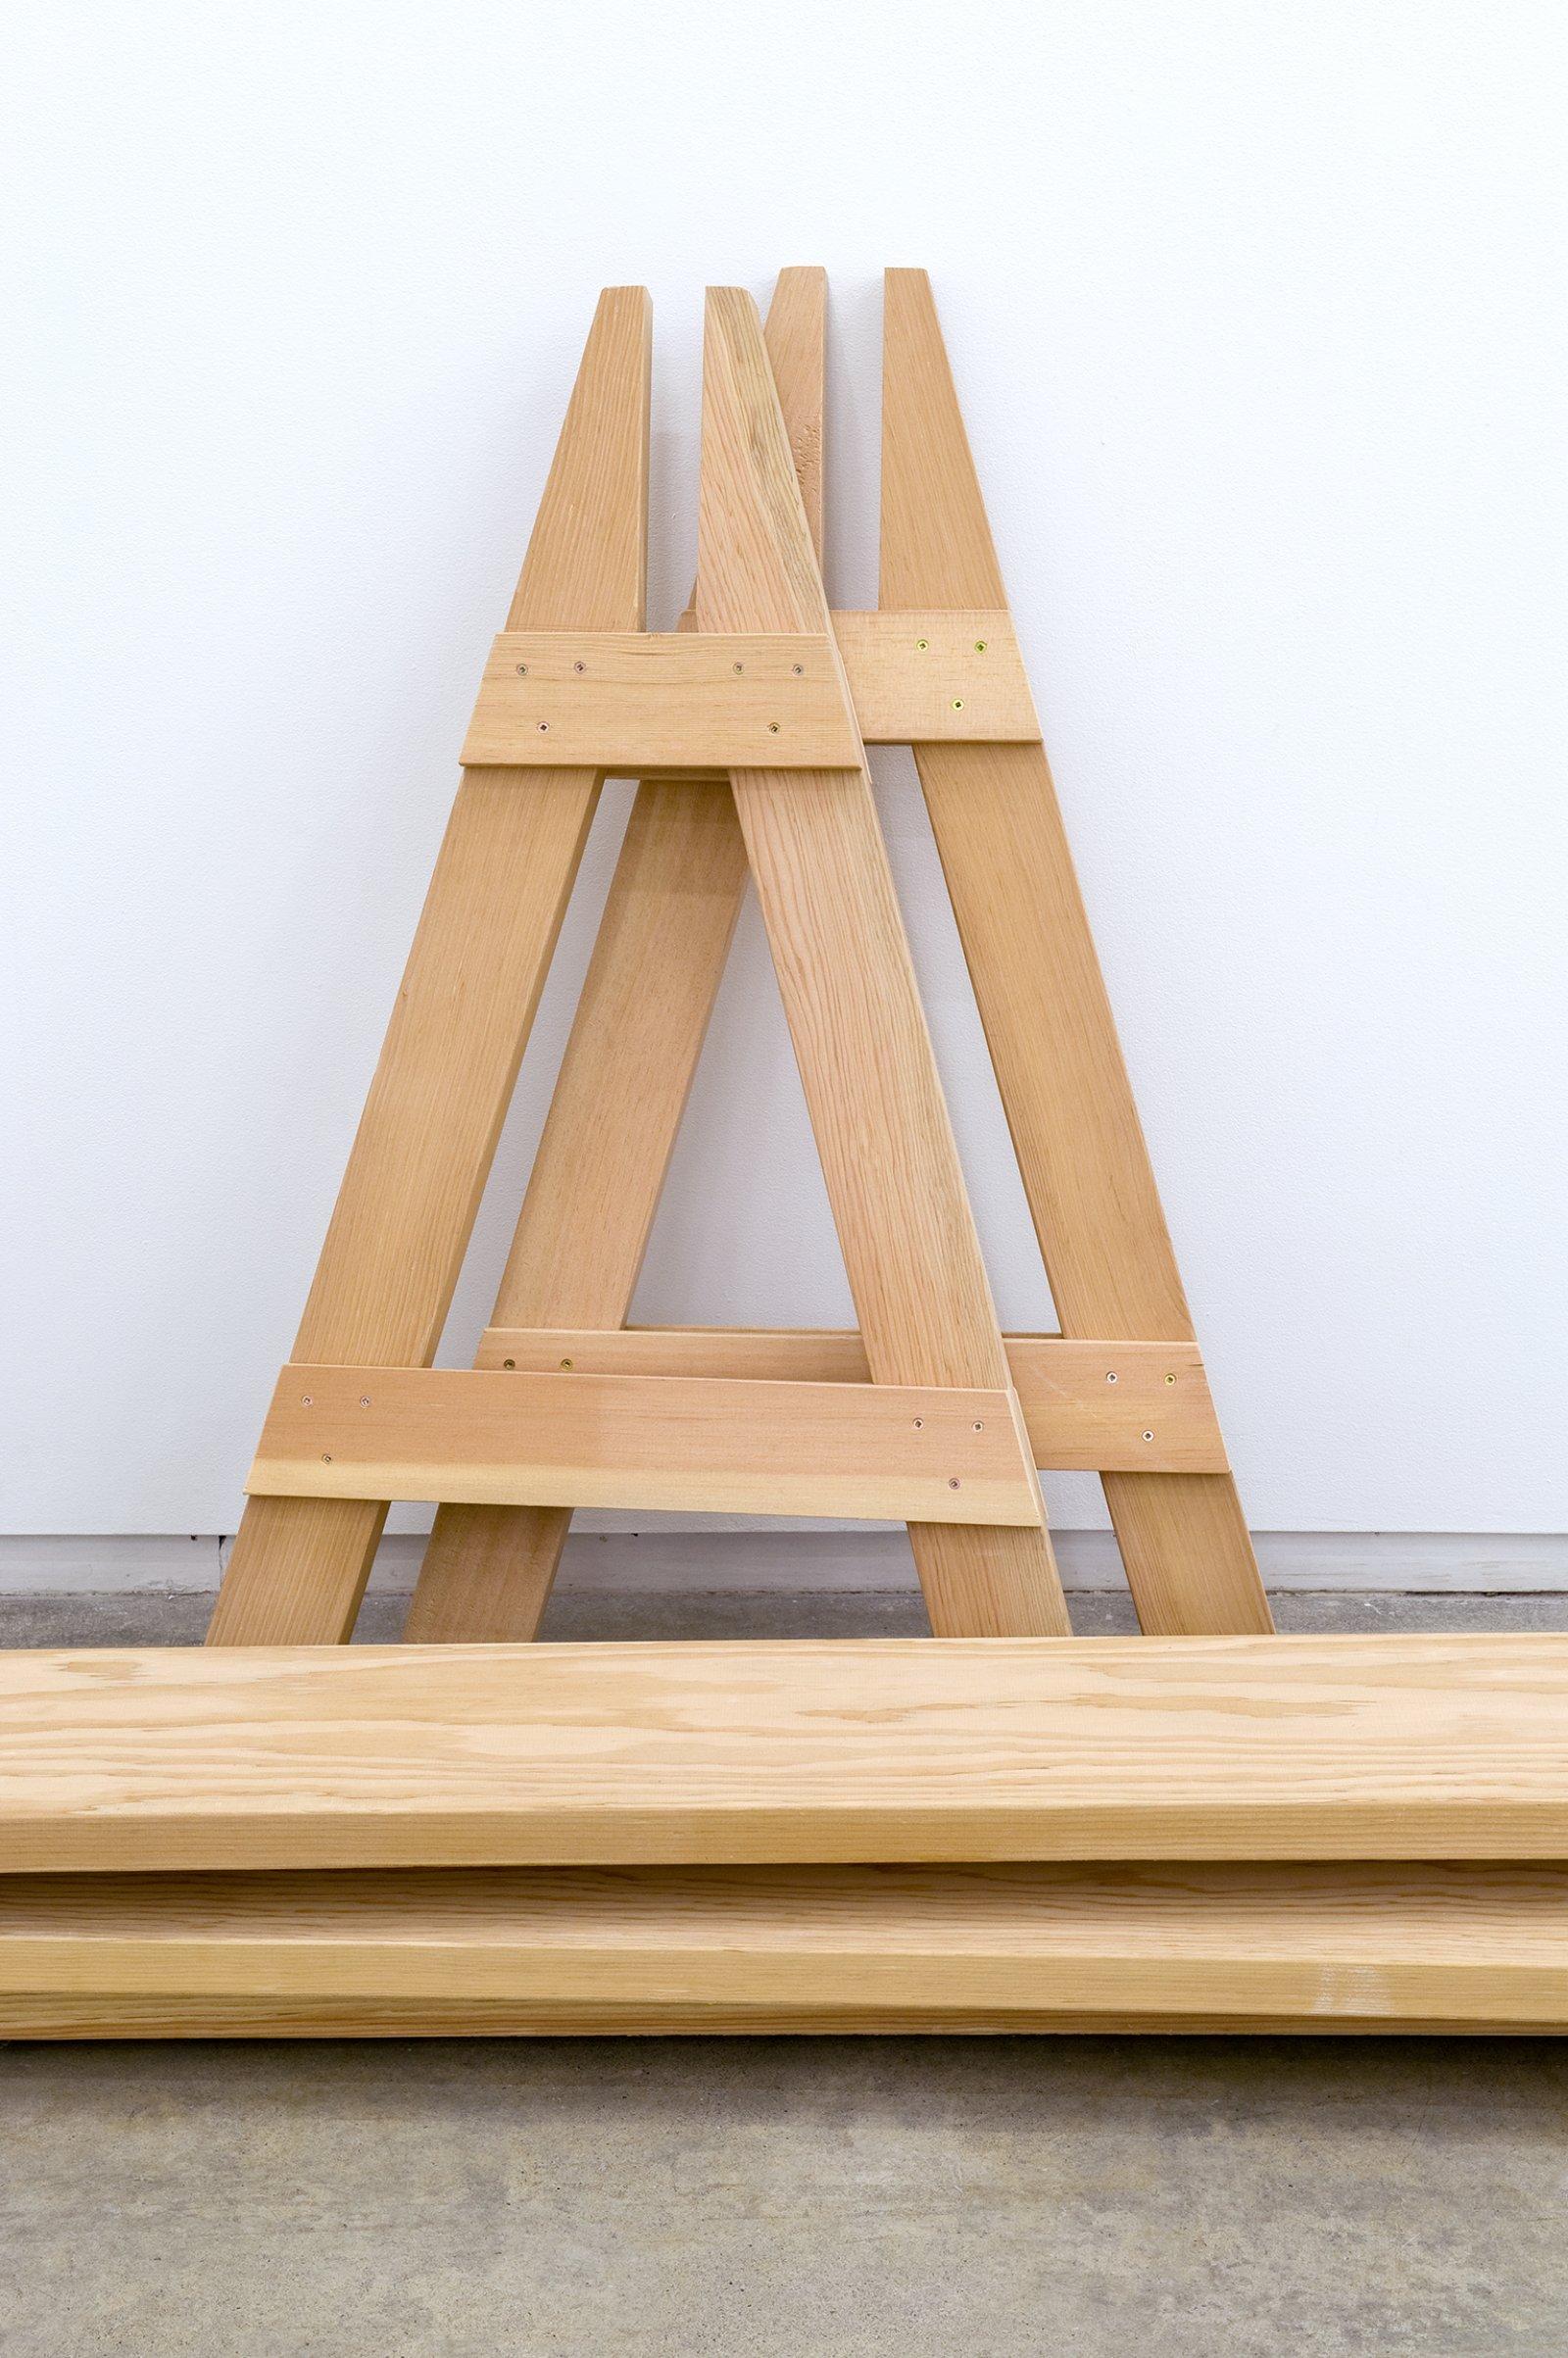 Brian Jungen, Barricades (detail), 2010, fir, 5 parts, each: 41 x 26 x 144 in. (104 x 66 x 366 cm) by Brian Jungen